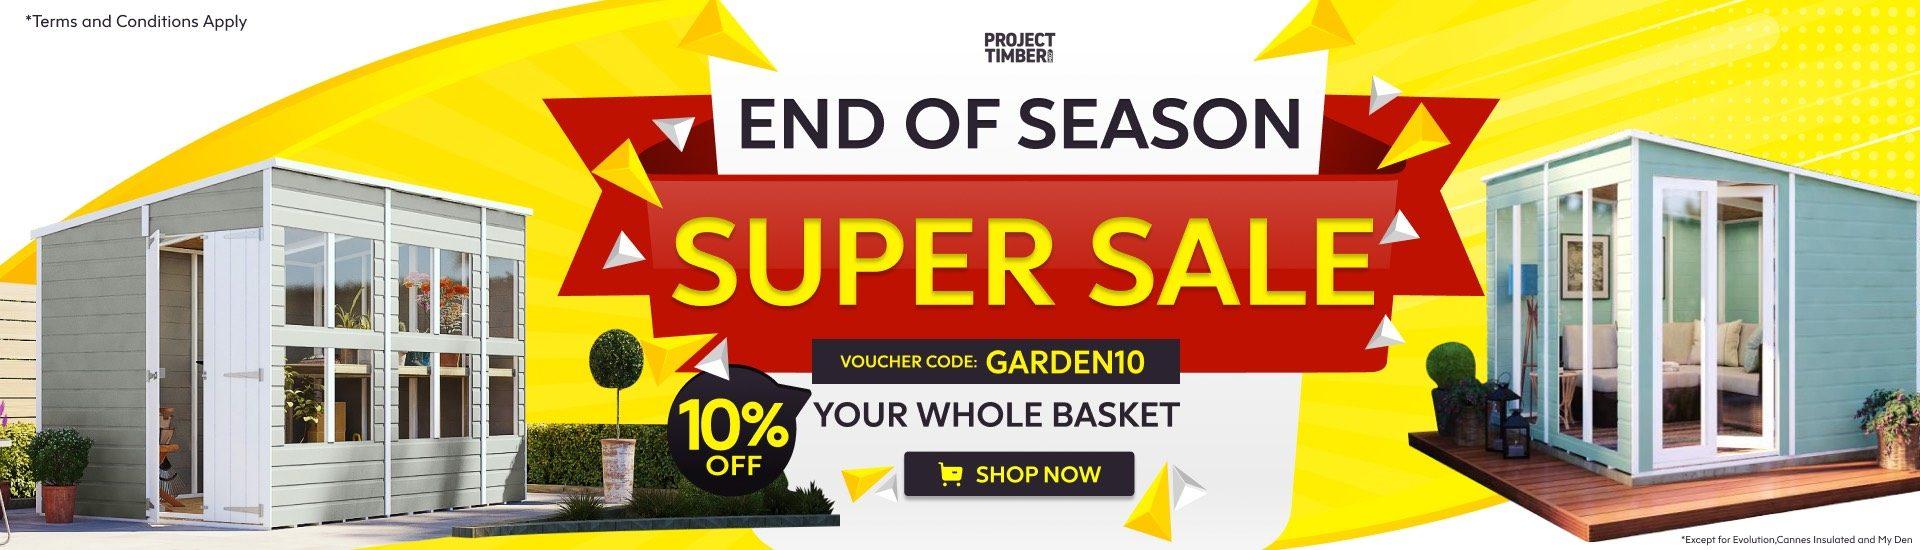 garden10 super sale promo banner